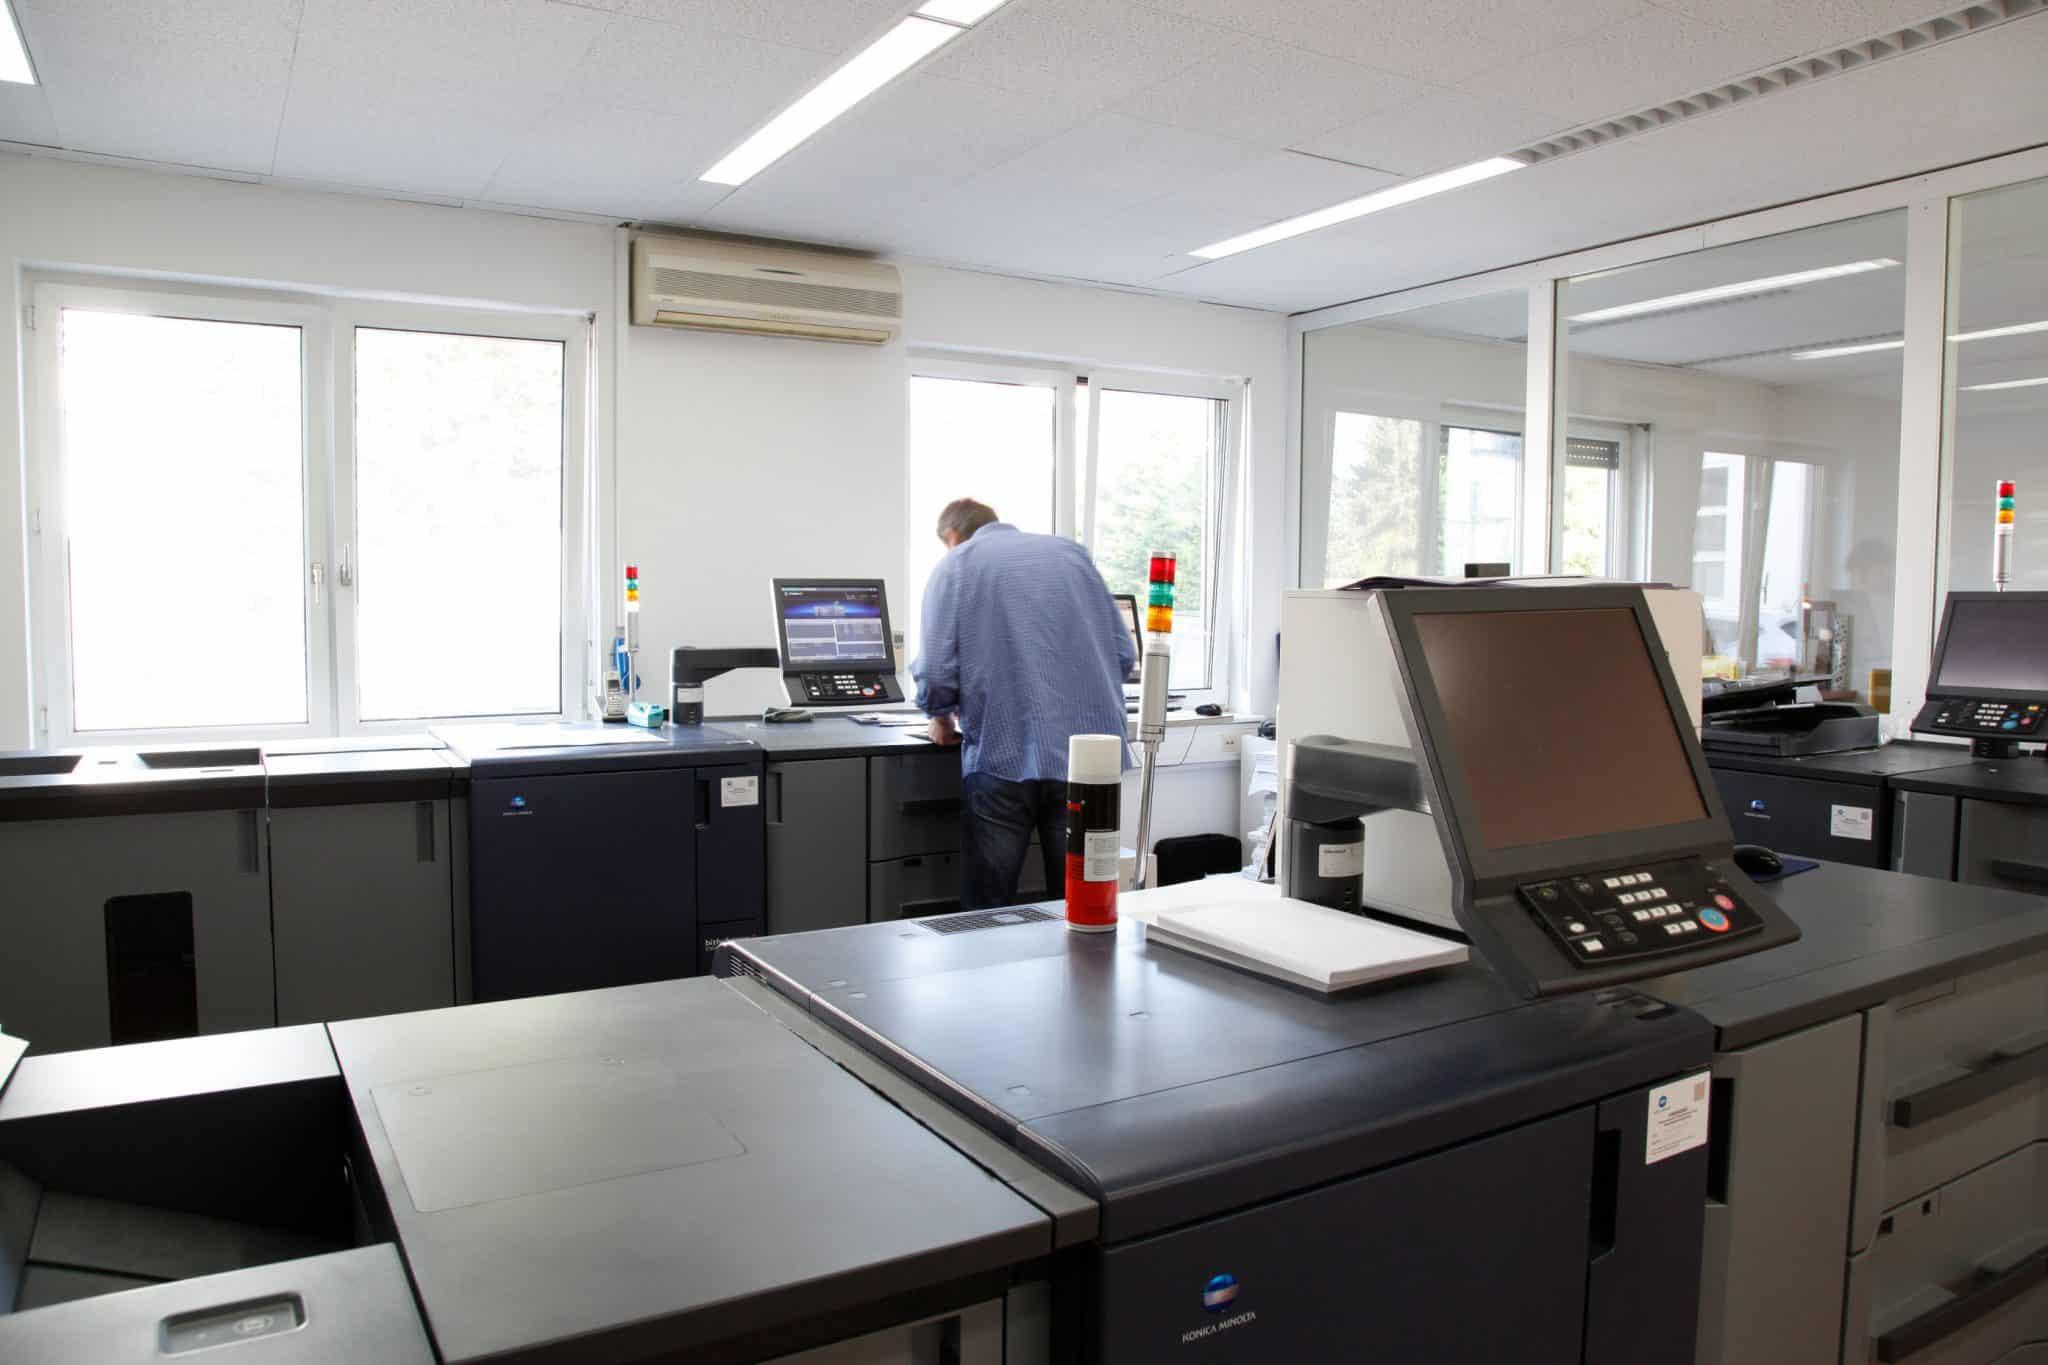 Digitaldruck In Der Bernsteiner Druckerei In Wien